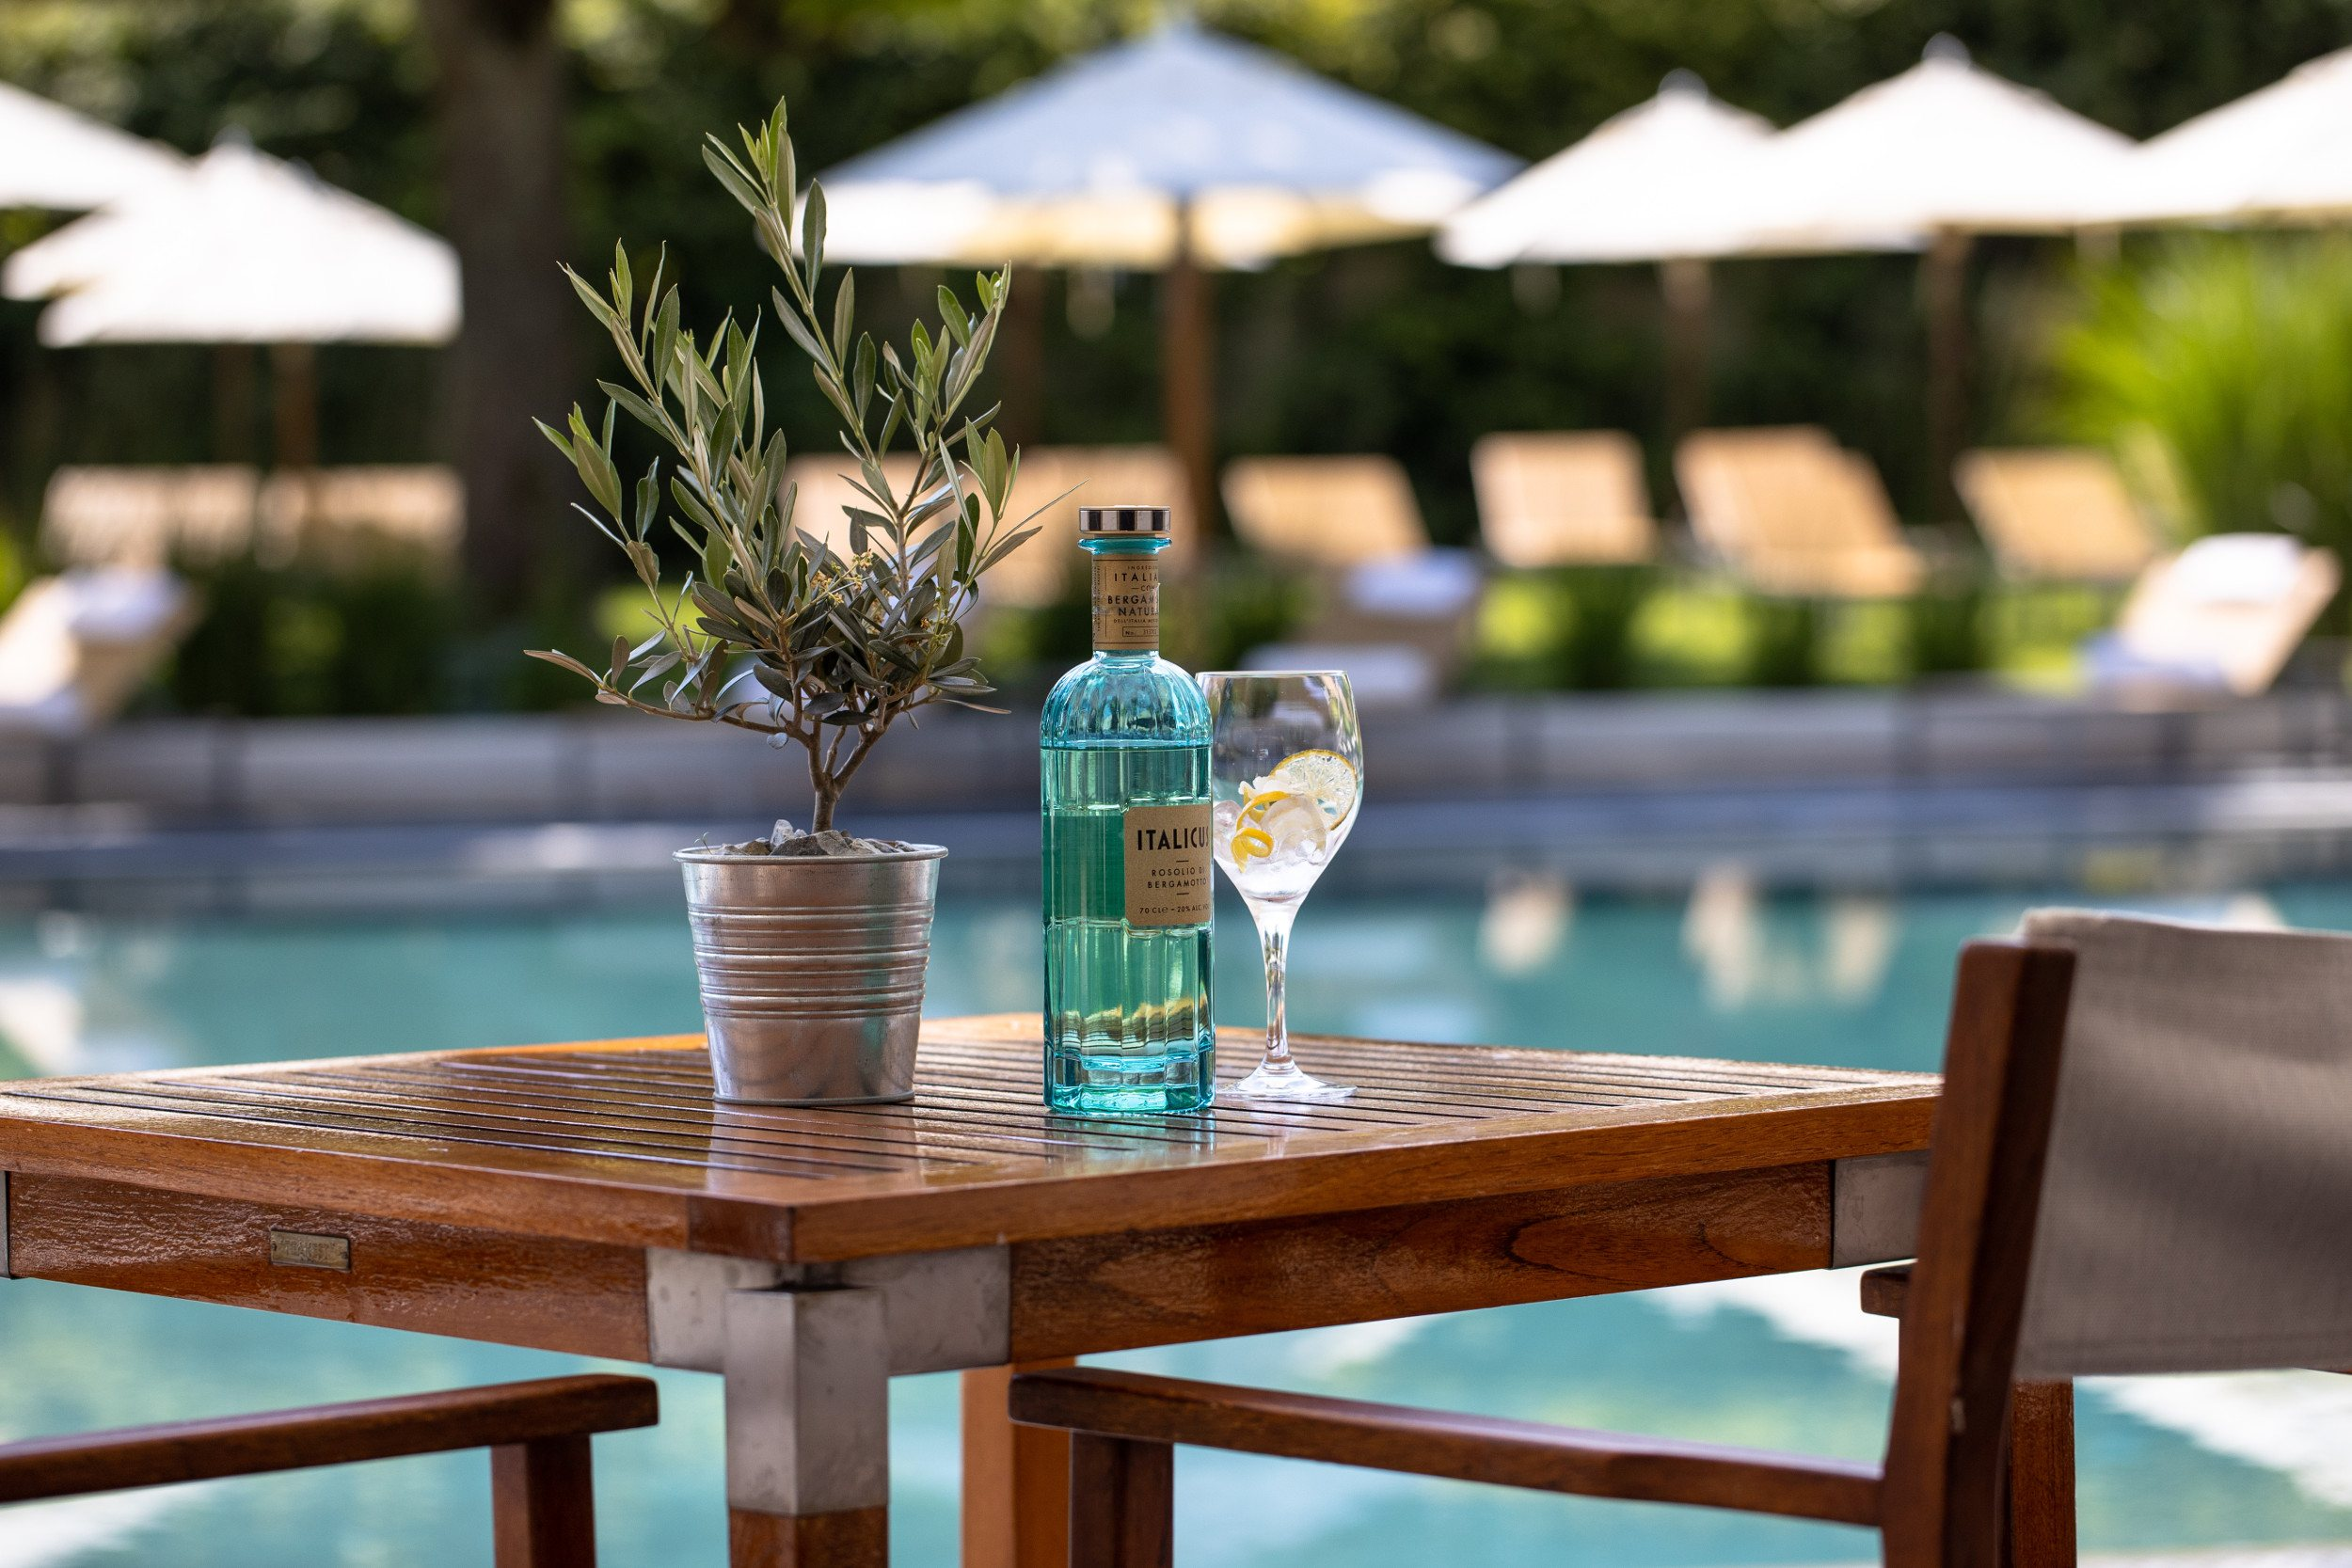 InterContinental-Geneva-Hotel-Poolside-restaurant-1